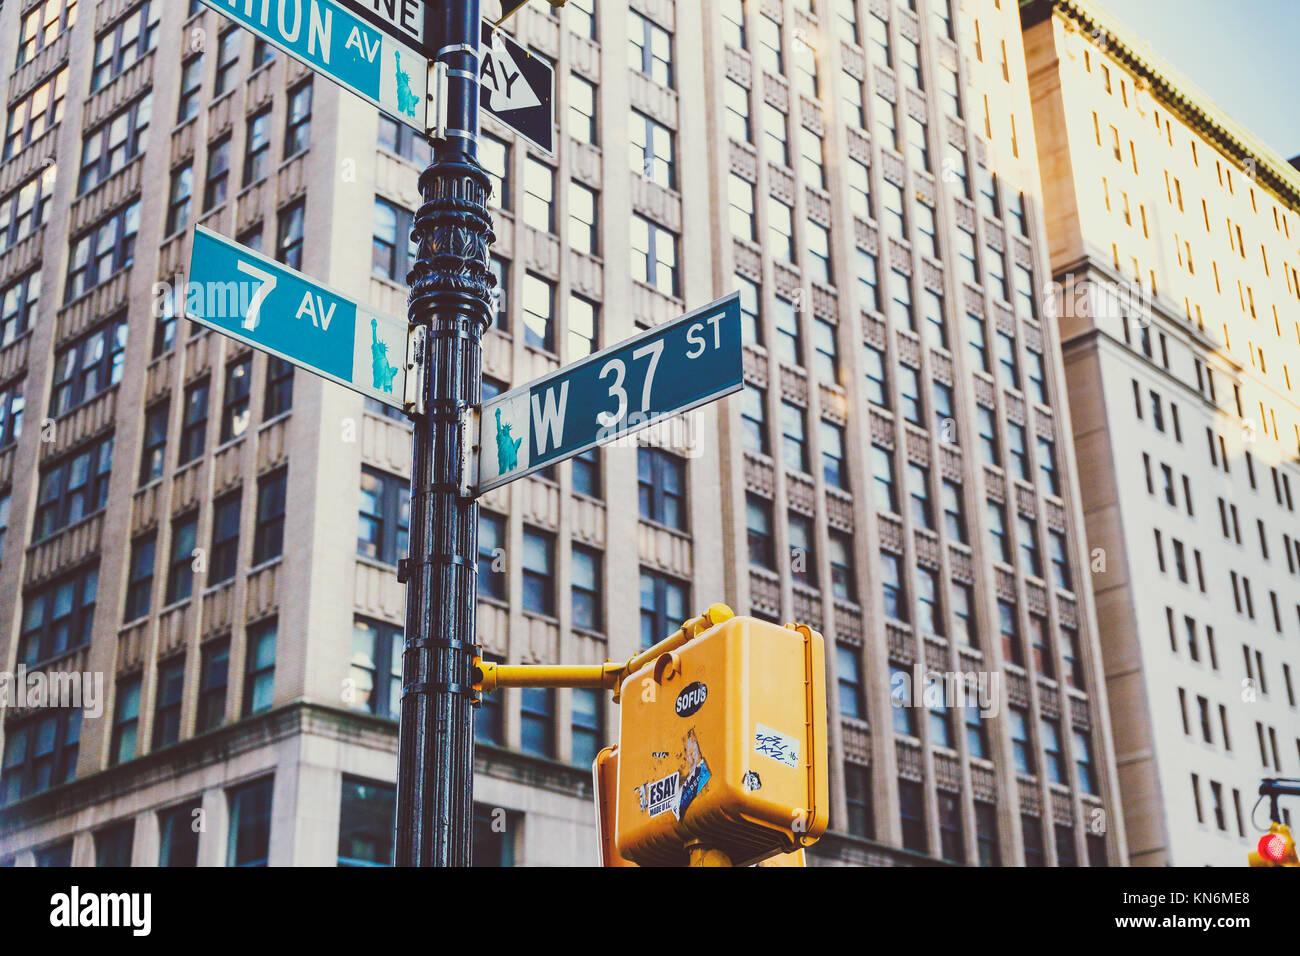 NEW YORK, USA - Septembre 4th, 2017: architecture et les plaques de rue à Manhattan, New York Banque D'Images